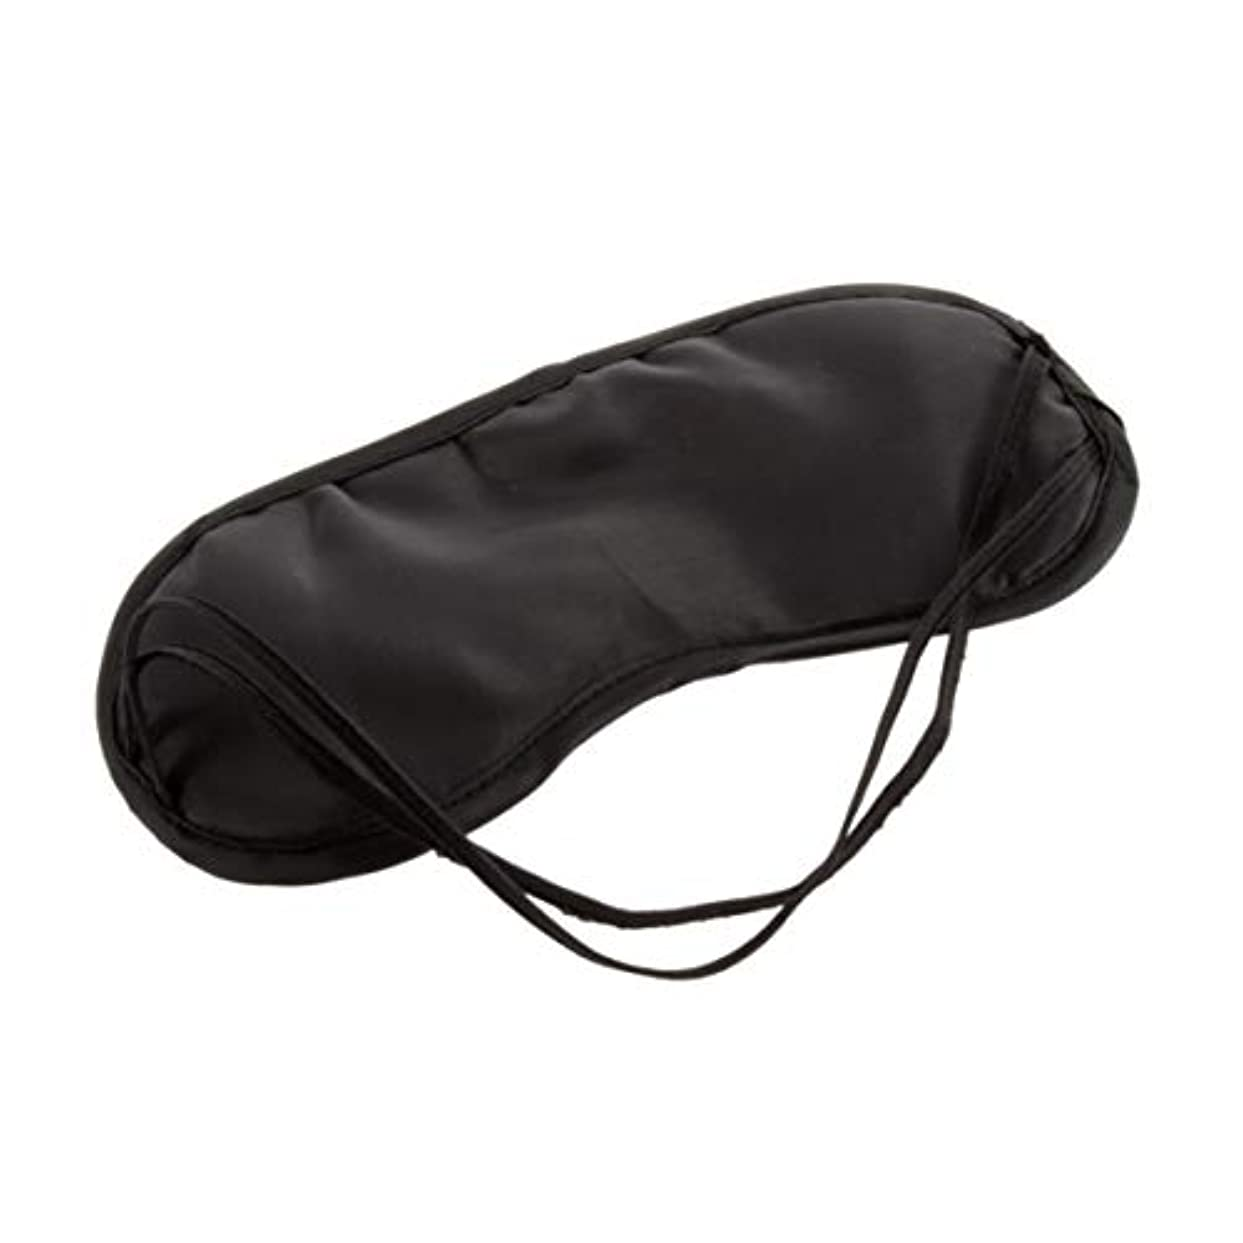 いつも人類凝縮するアイマスク快適な睡眠用マスク安静時の旅行おしゃれな男性女性旅行睡眠補助アイマスクアイパッチ - 黒